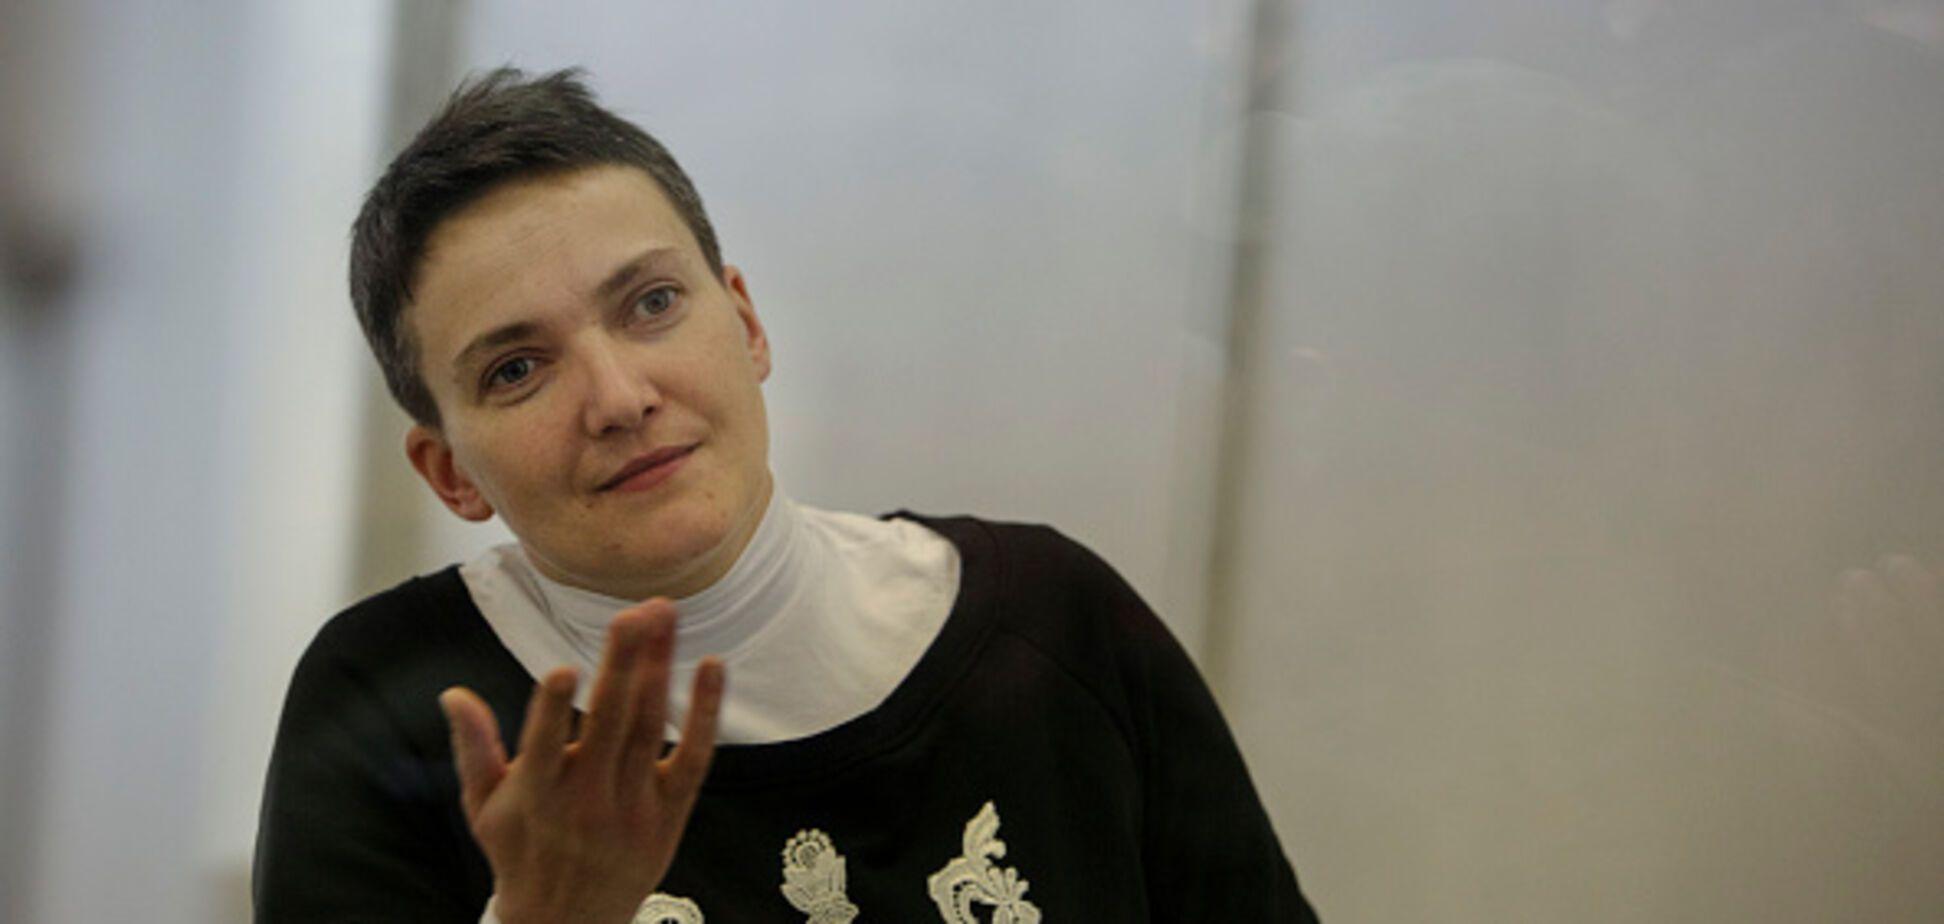 Віра Савченко пояснила зв'язок Надії з Медведчуком